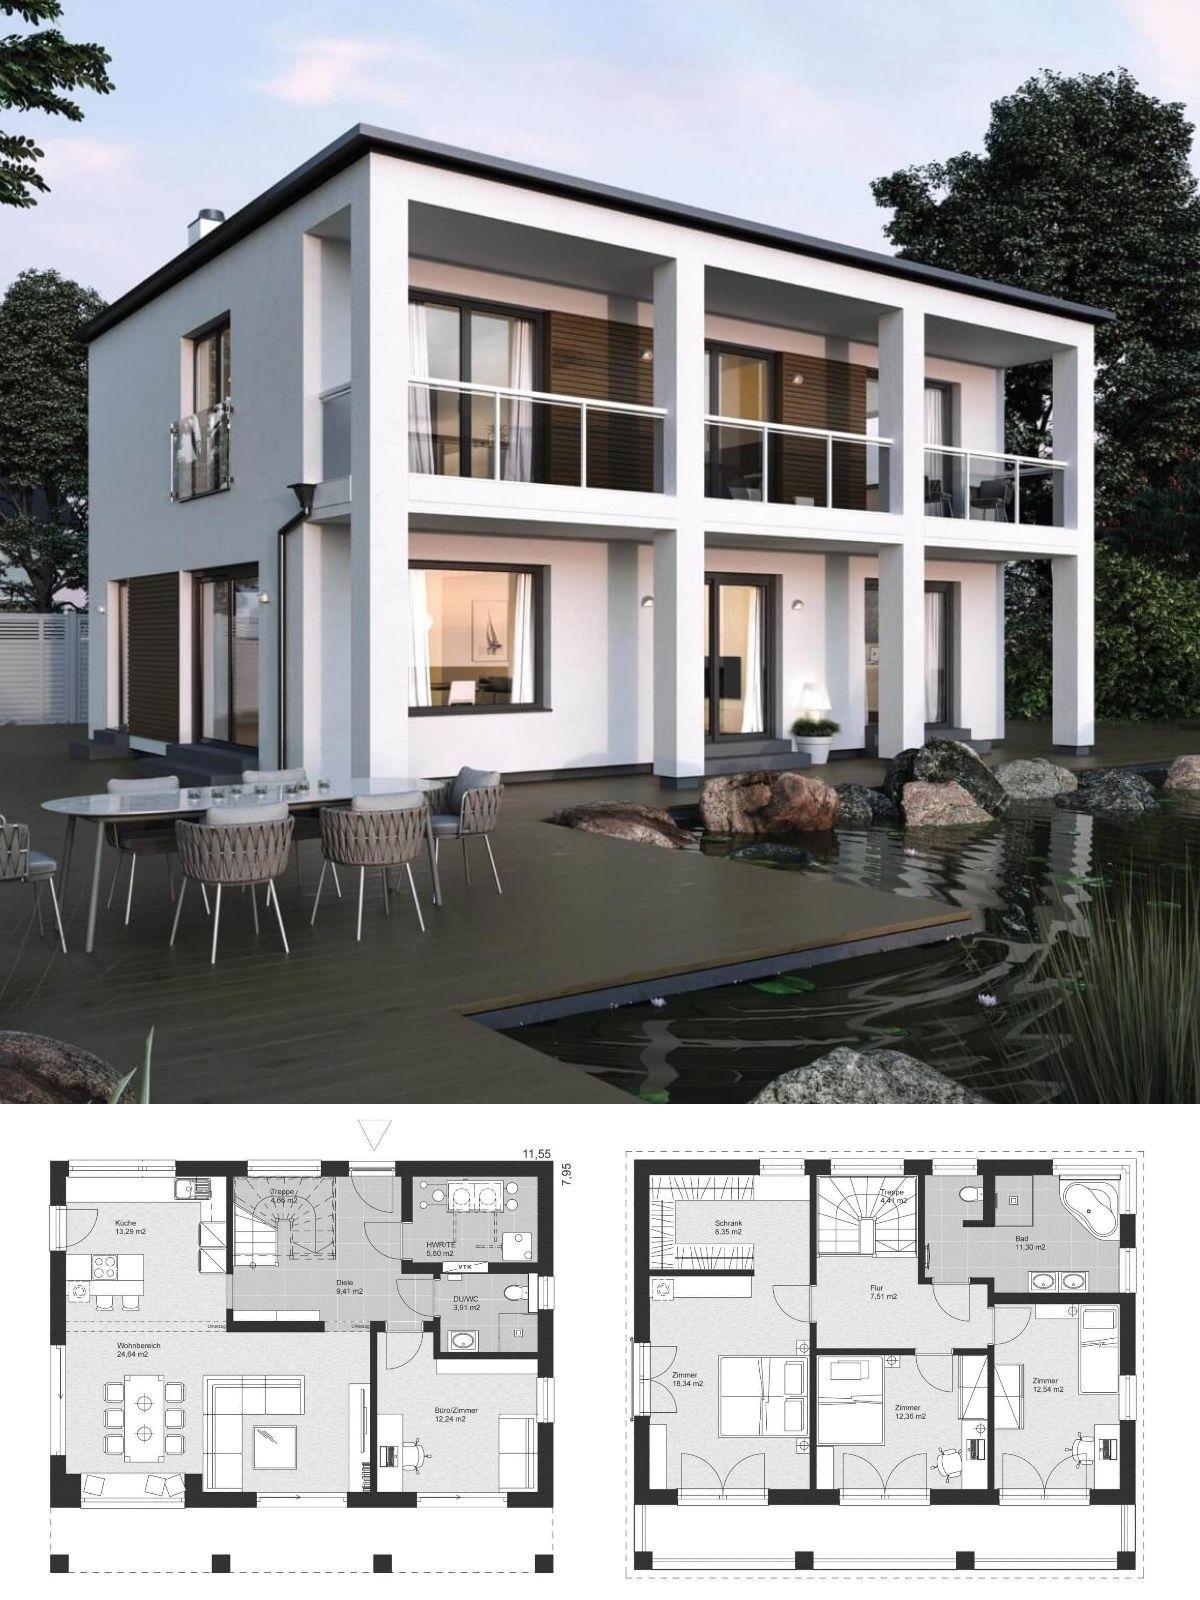 bauhaus stadtvilla modern grundriss mit flachdach architektur loggia fassade im bauhausstil einfamilienhaus mit 2